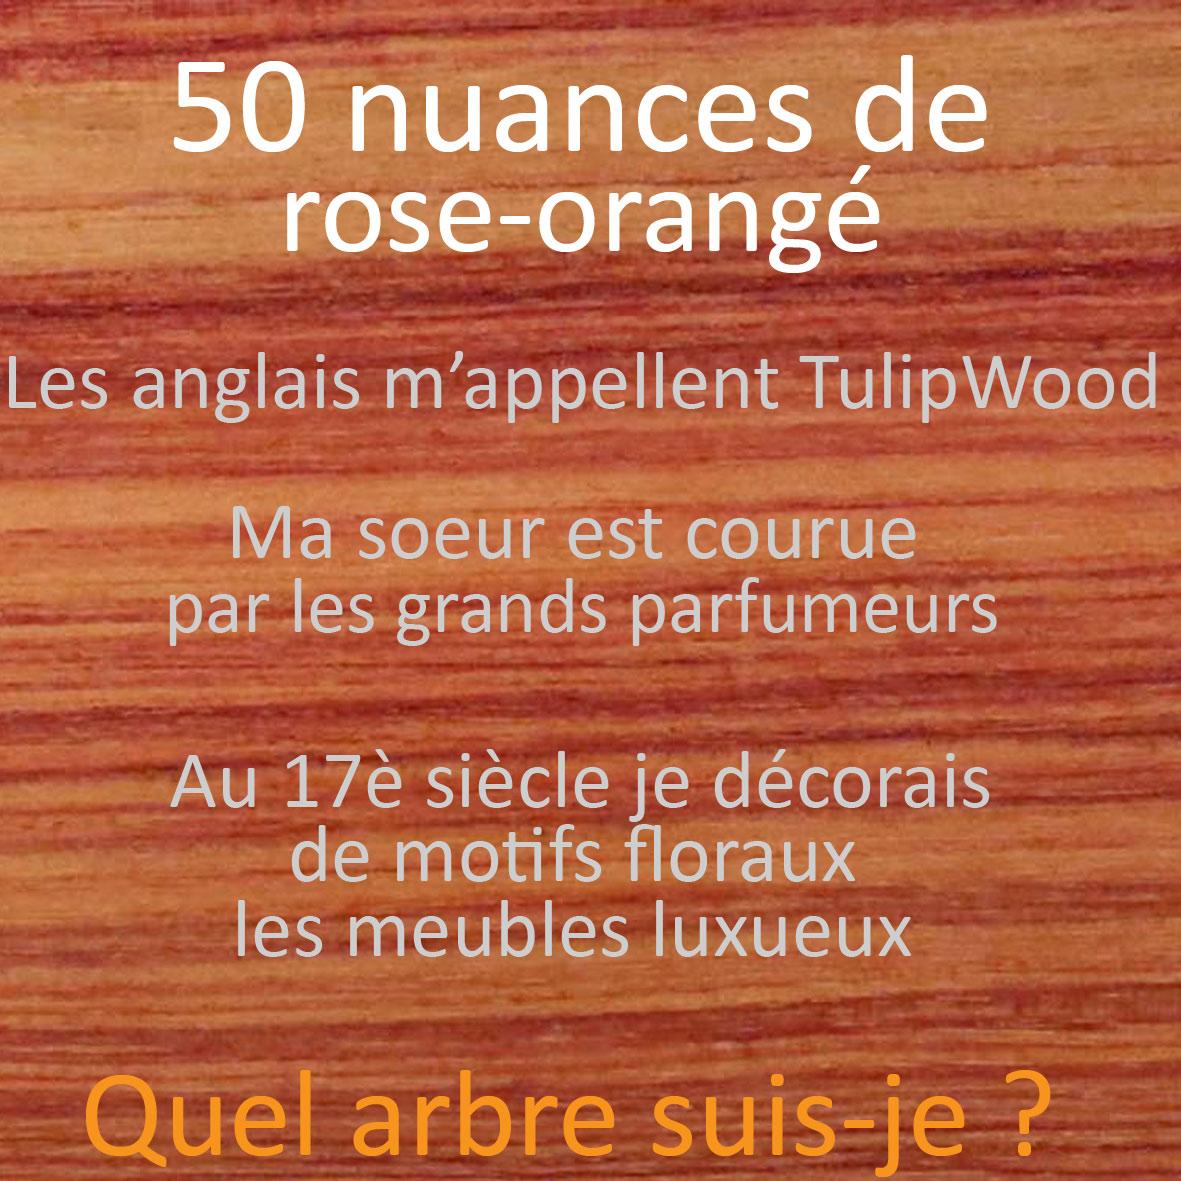 Quiz essences de bois 50 nuances d'orangé Ecoute le Bois # Reconnaitre Les Essences De Bois